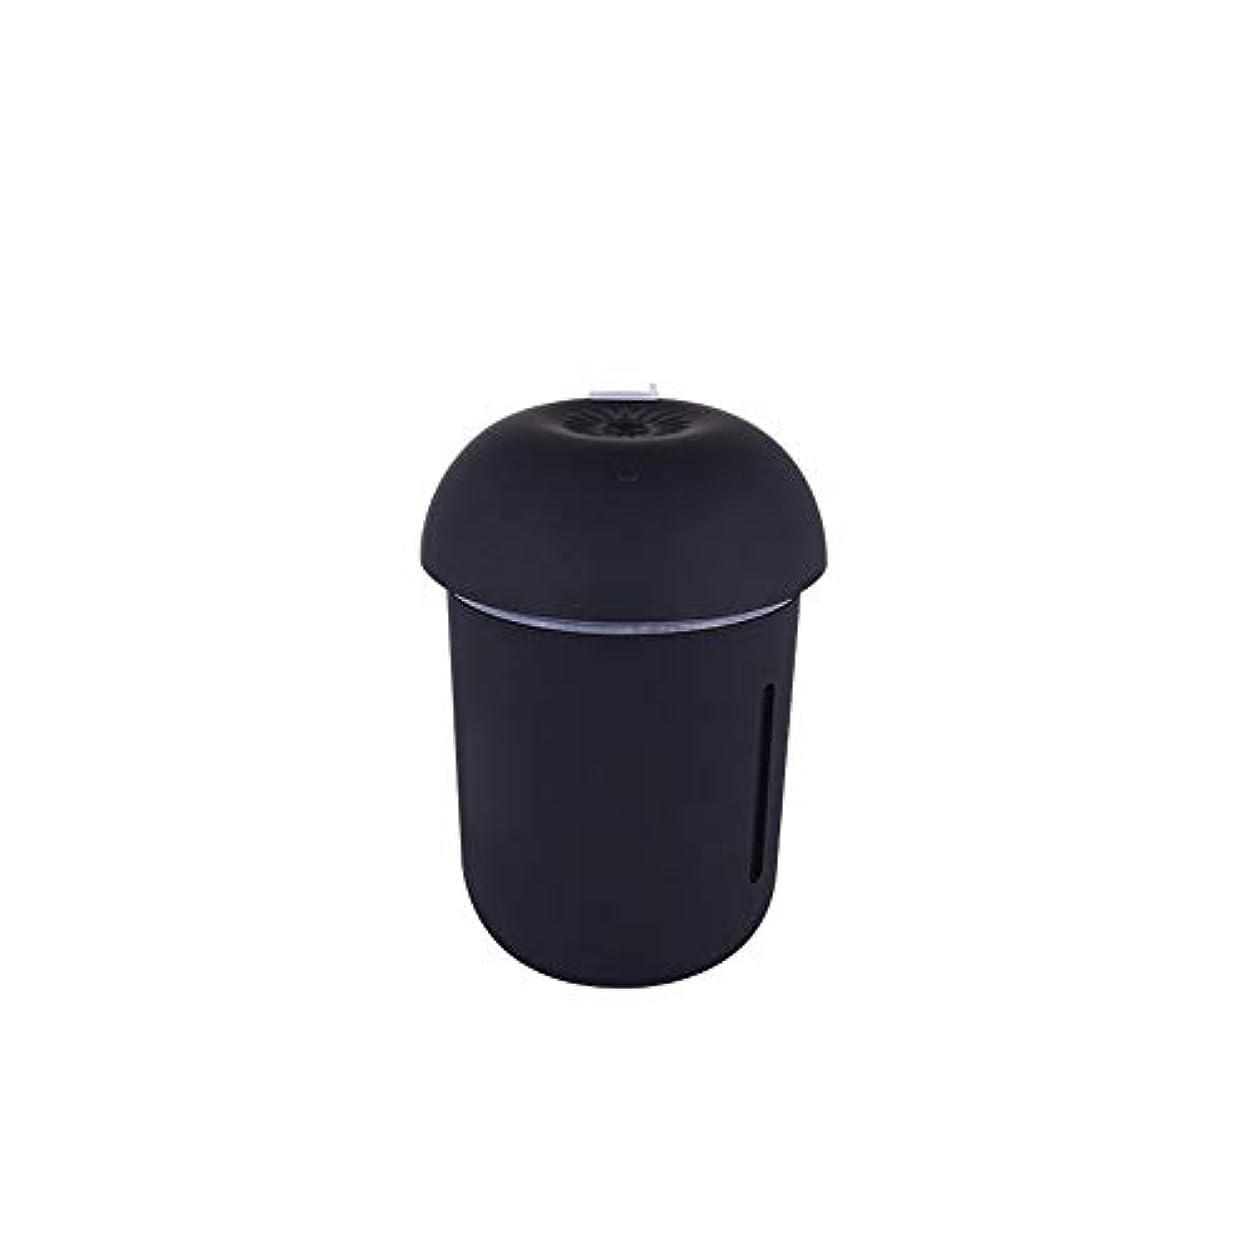 イノセンスリム噴水ZXF クリエイティブ多機能水道メーターファンナイトライトスリーインワンきのこ加湿器usb充電車の空気清浄機美容機器 滑らかである (色 : Black)